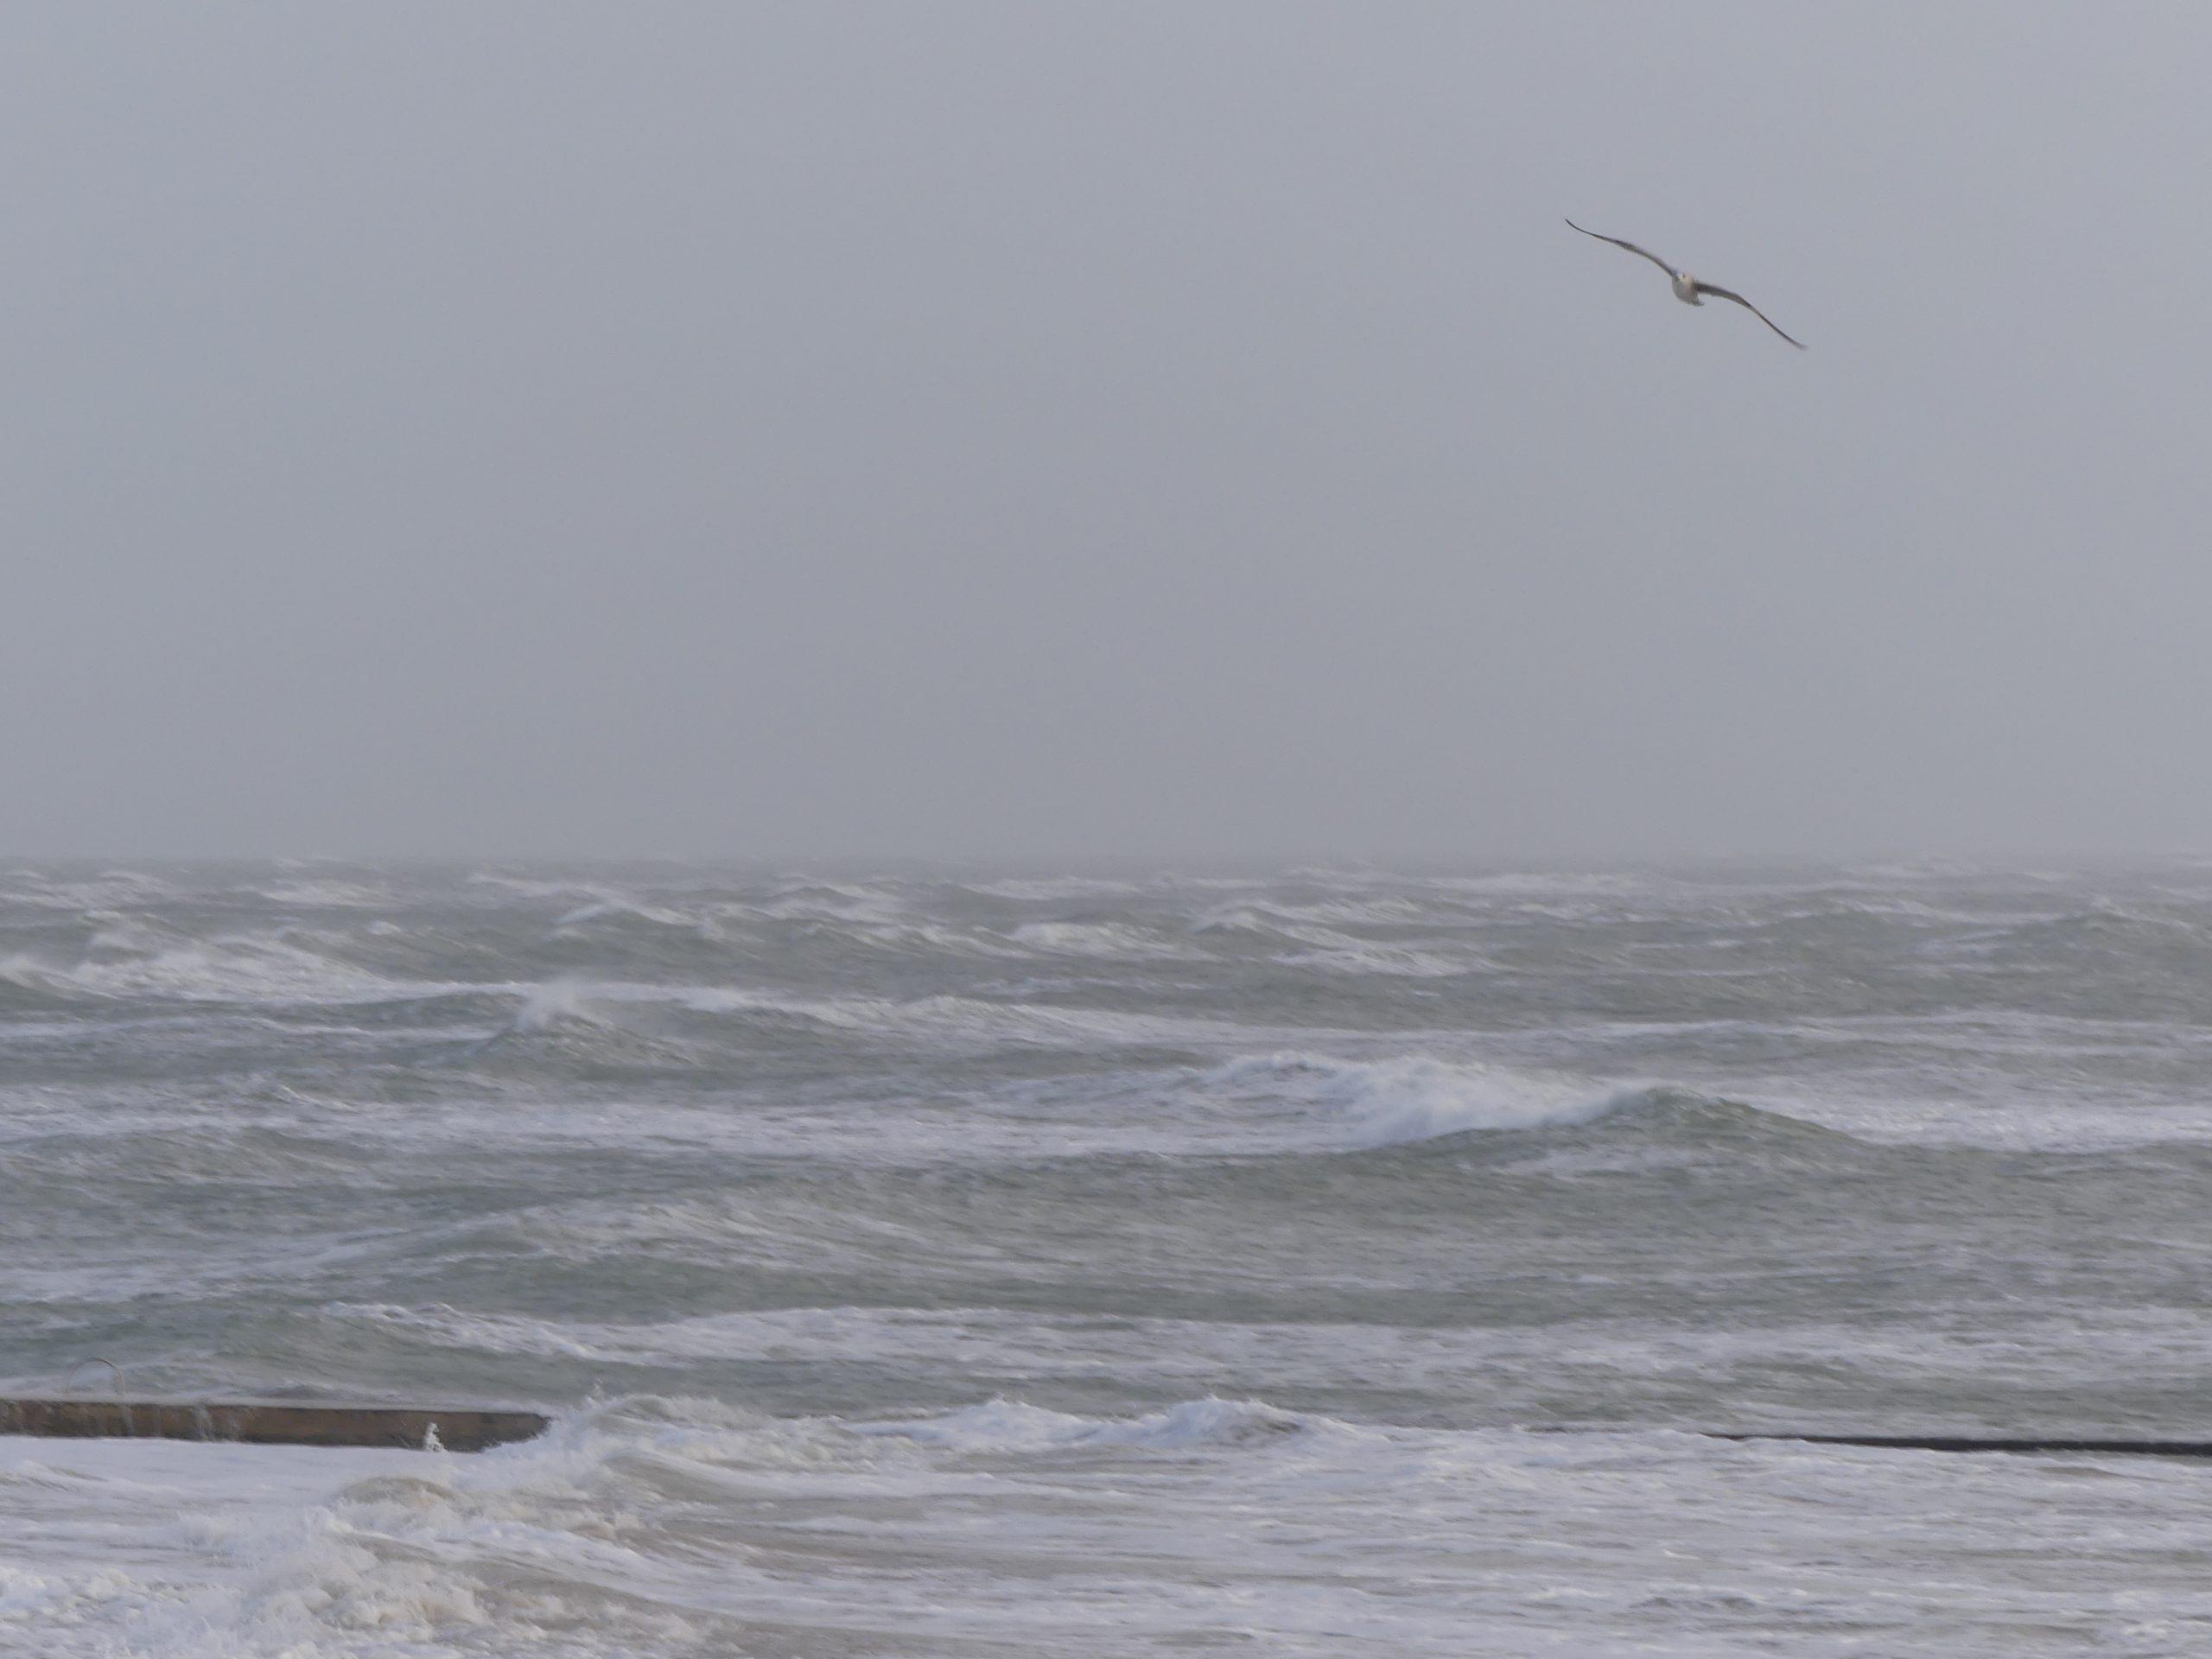 Météo 2021 - 28 décembre 2020 - Loix - Mer